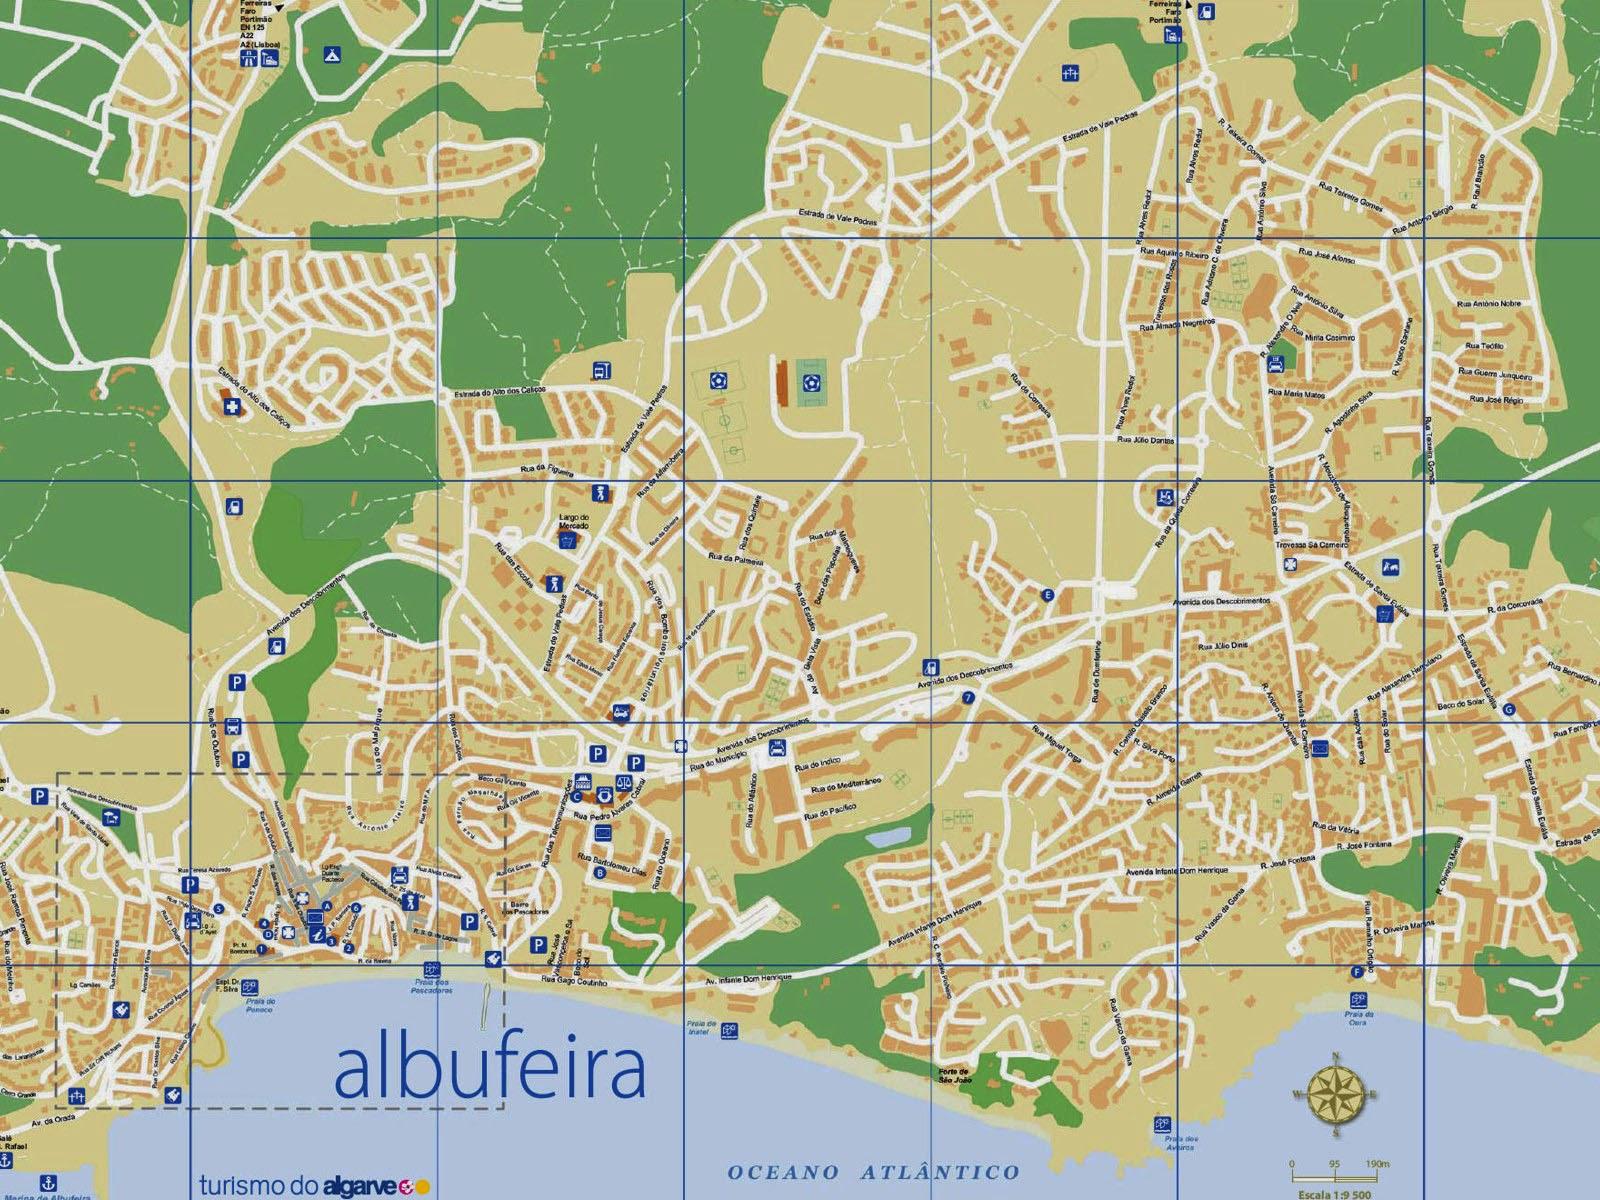 mapa albufeira Mapas de Albufeira   Portugal | MapasBlog mapa albufeira